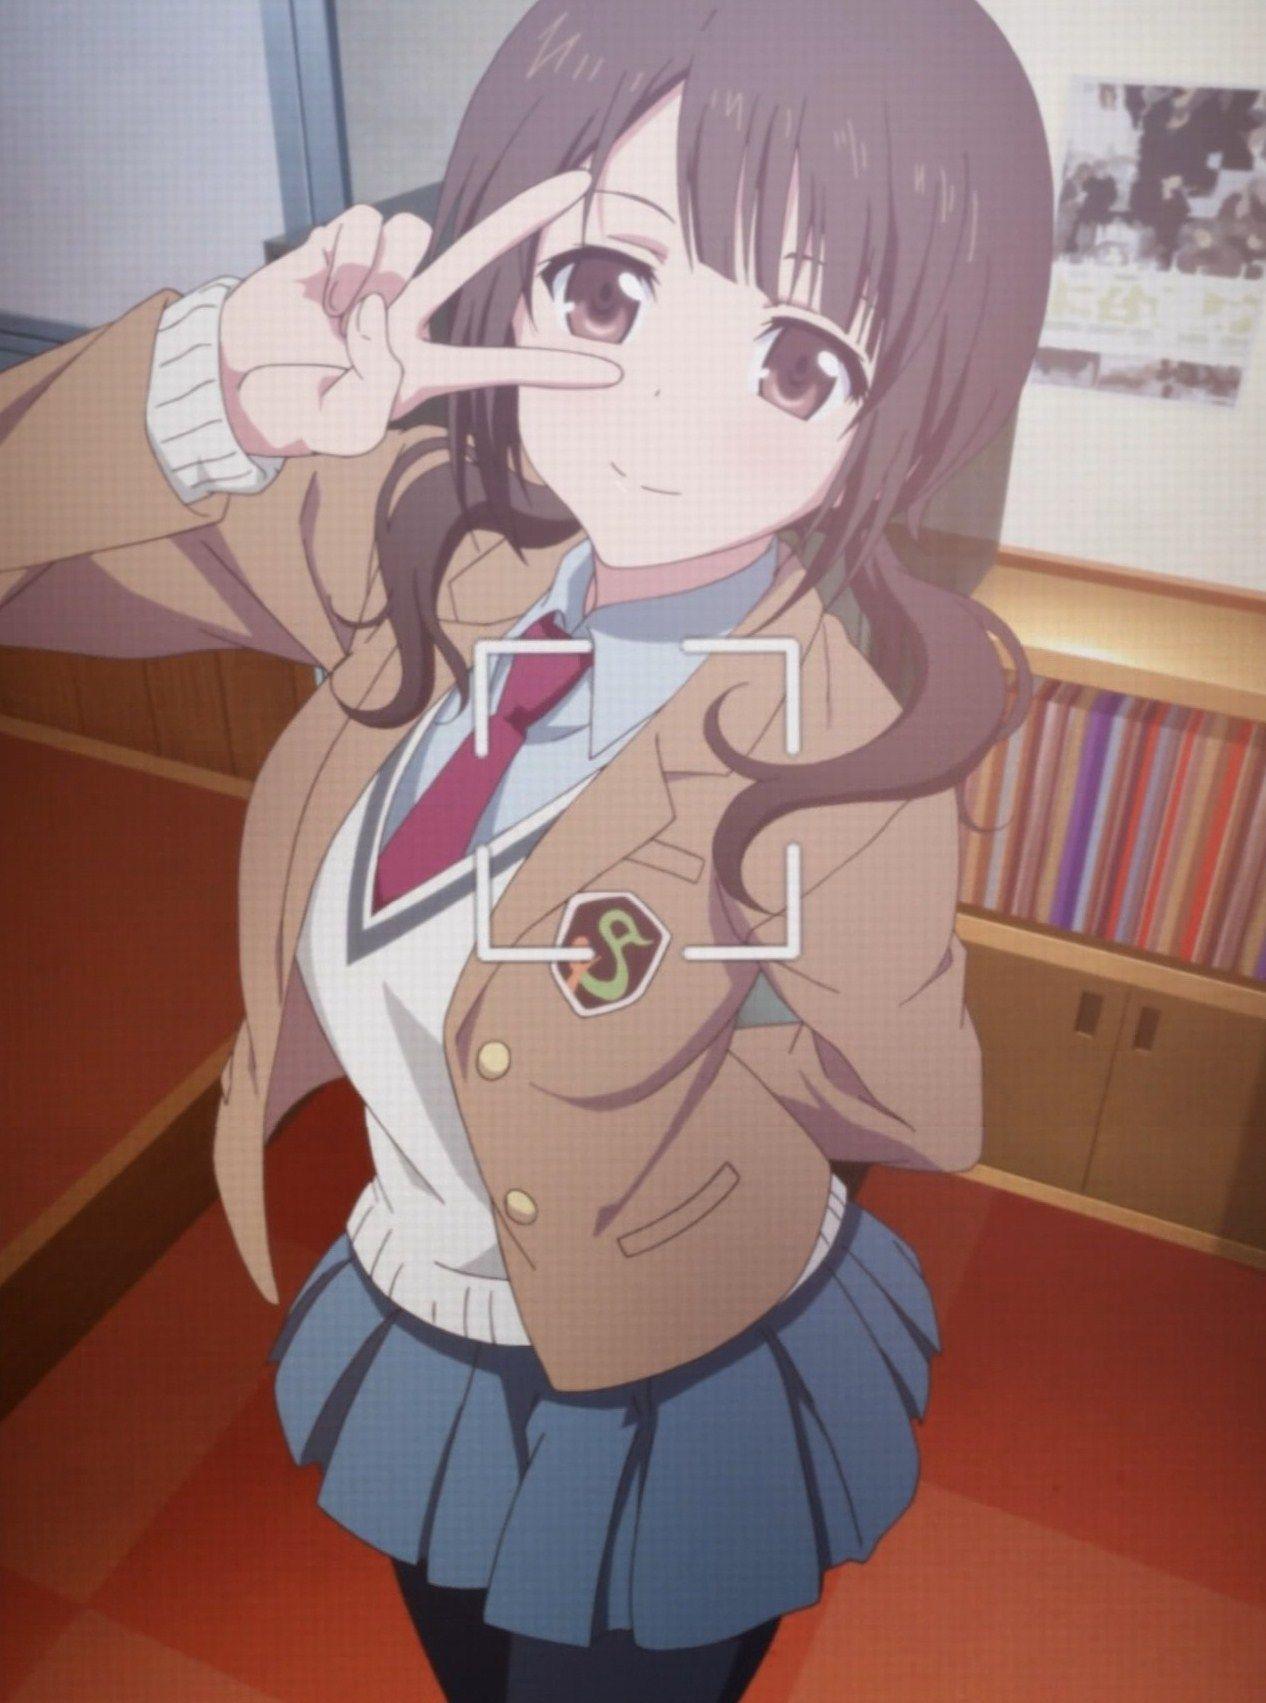 Tari Tari アニメ女子高生 アニメの女の子 アニメ